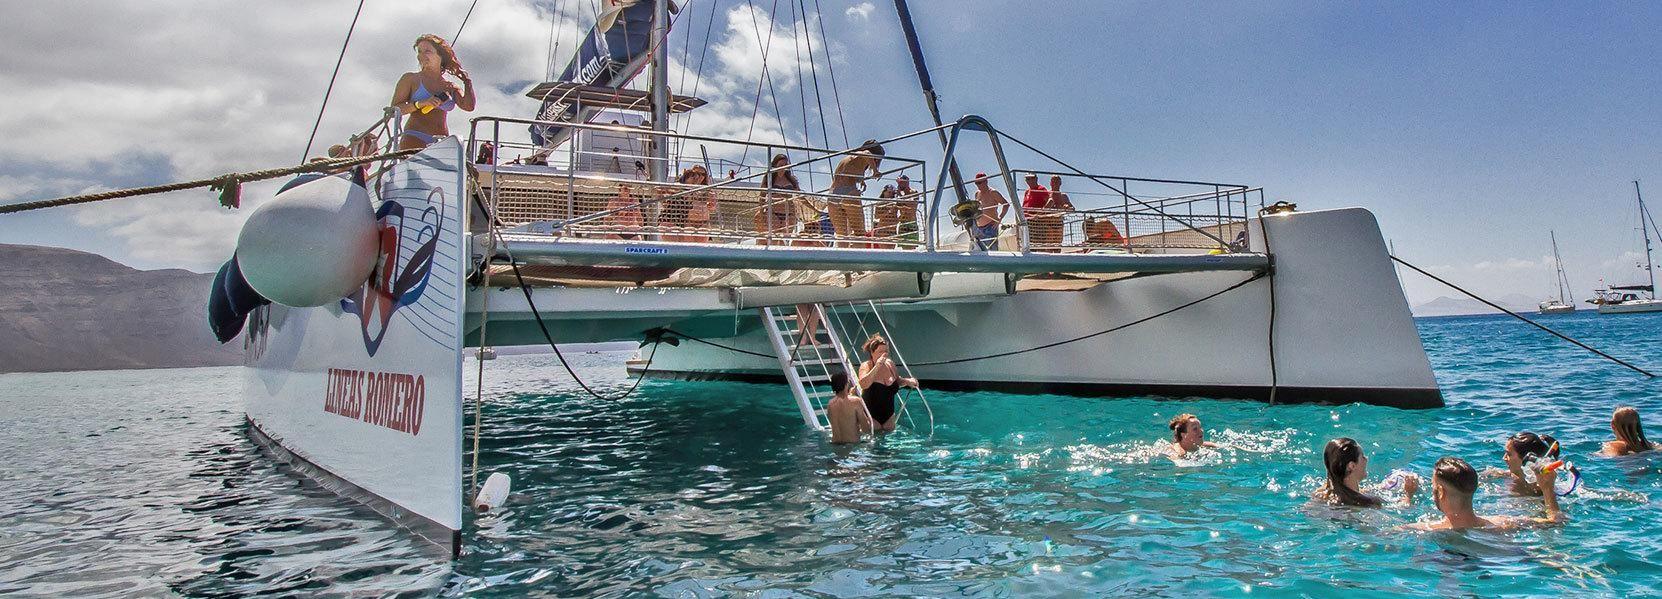 Lanzarote: tour in catamarano per le Spiagge di Papagayo